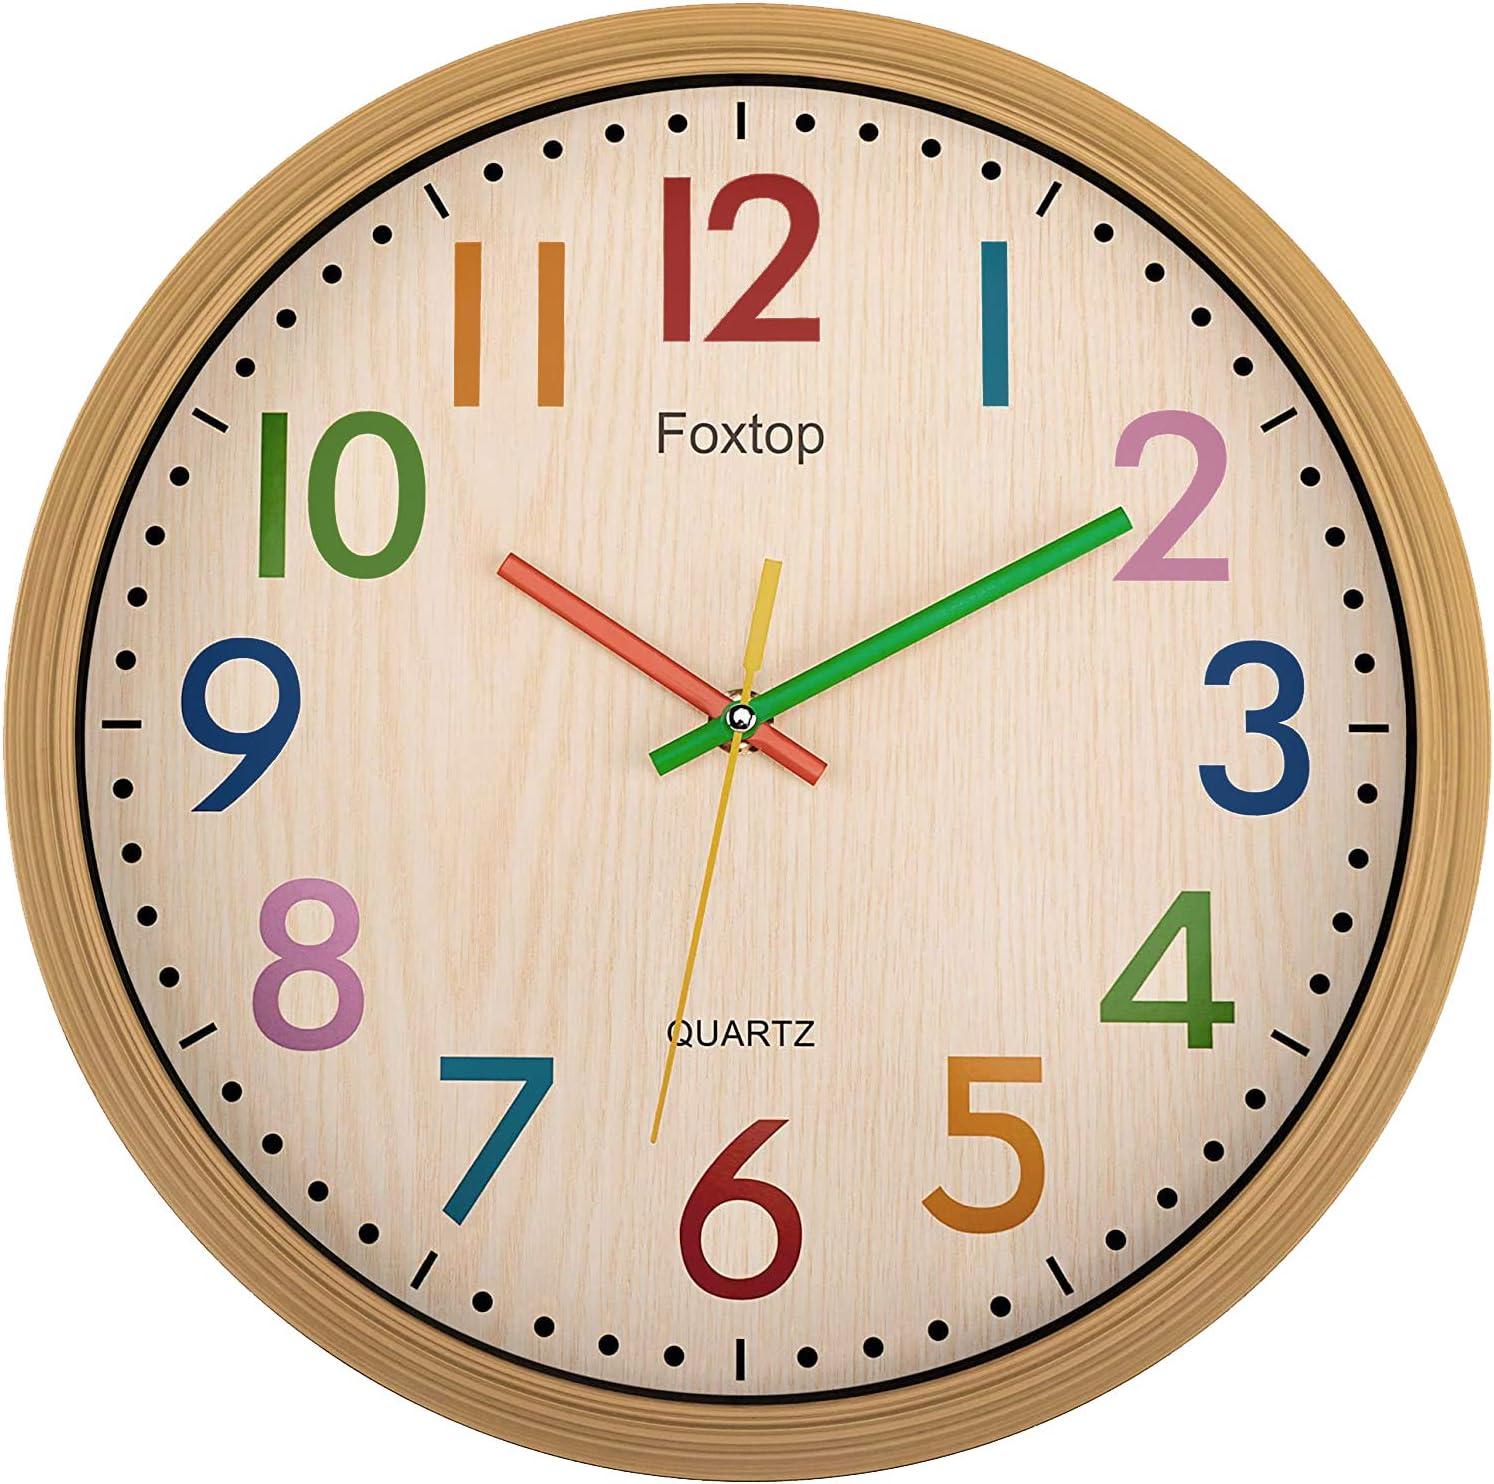 Foxtop Silent Kids Wall Clock 12 Inch Non-Ticking Battery Operat